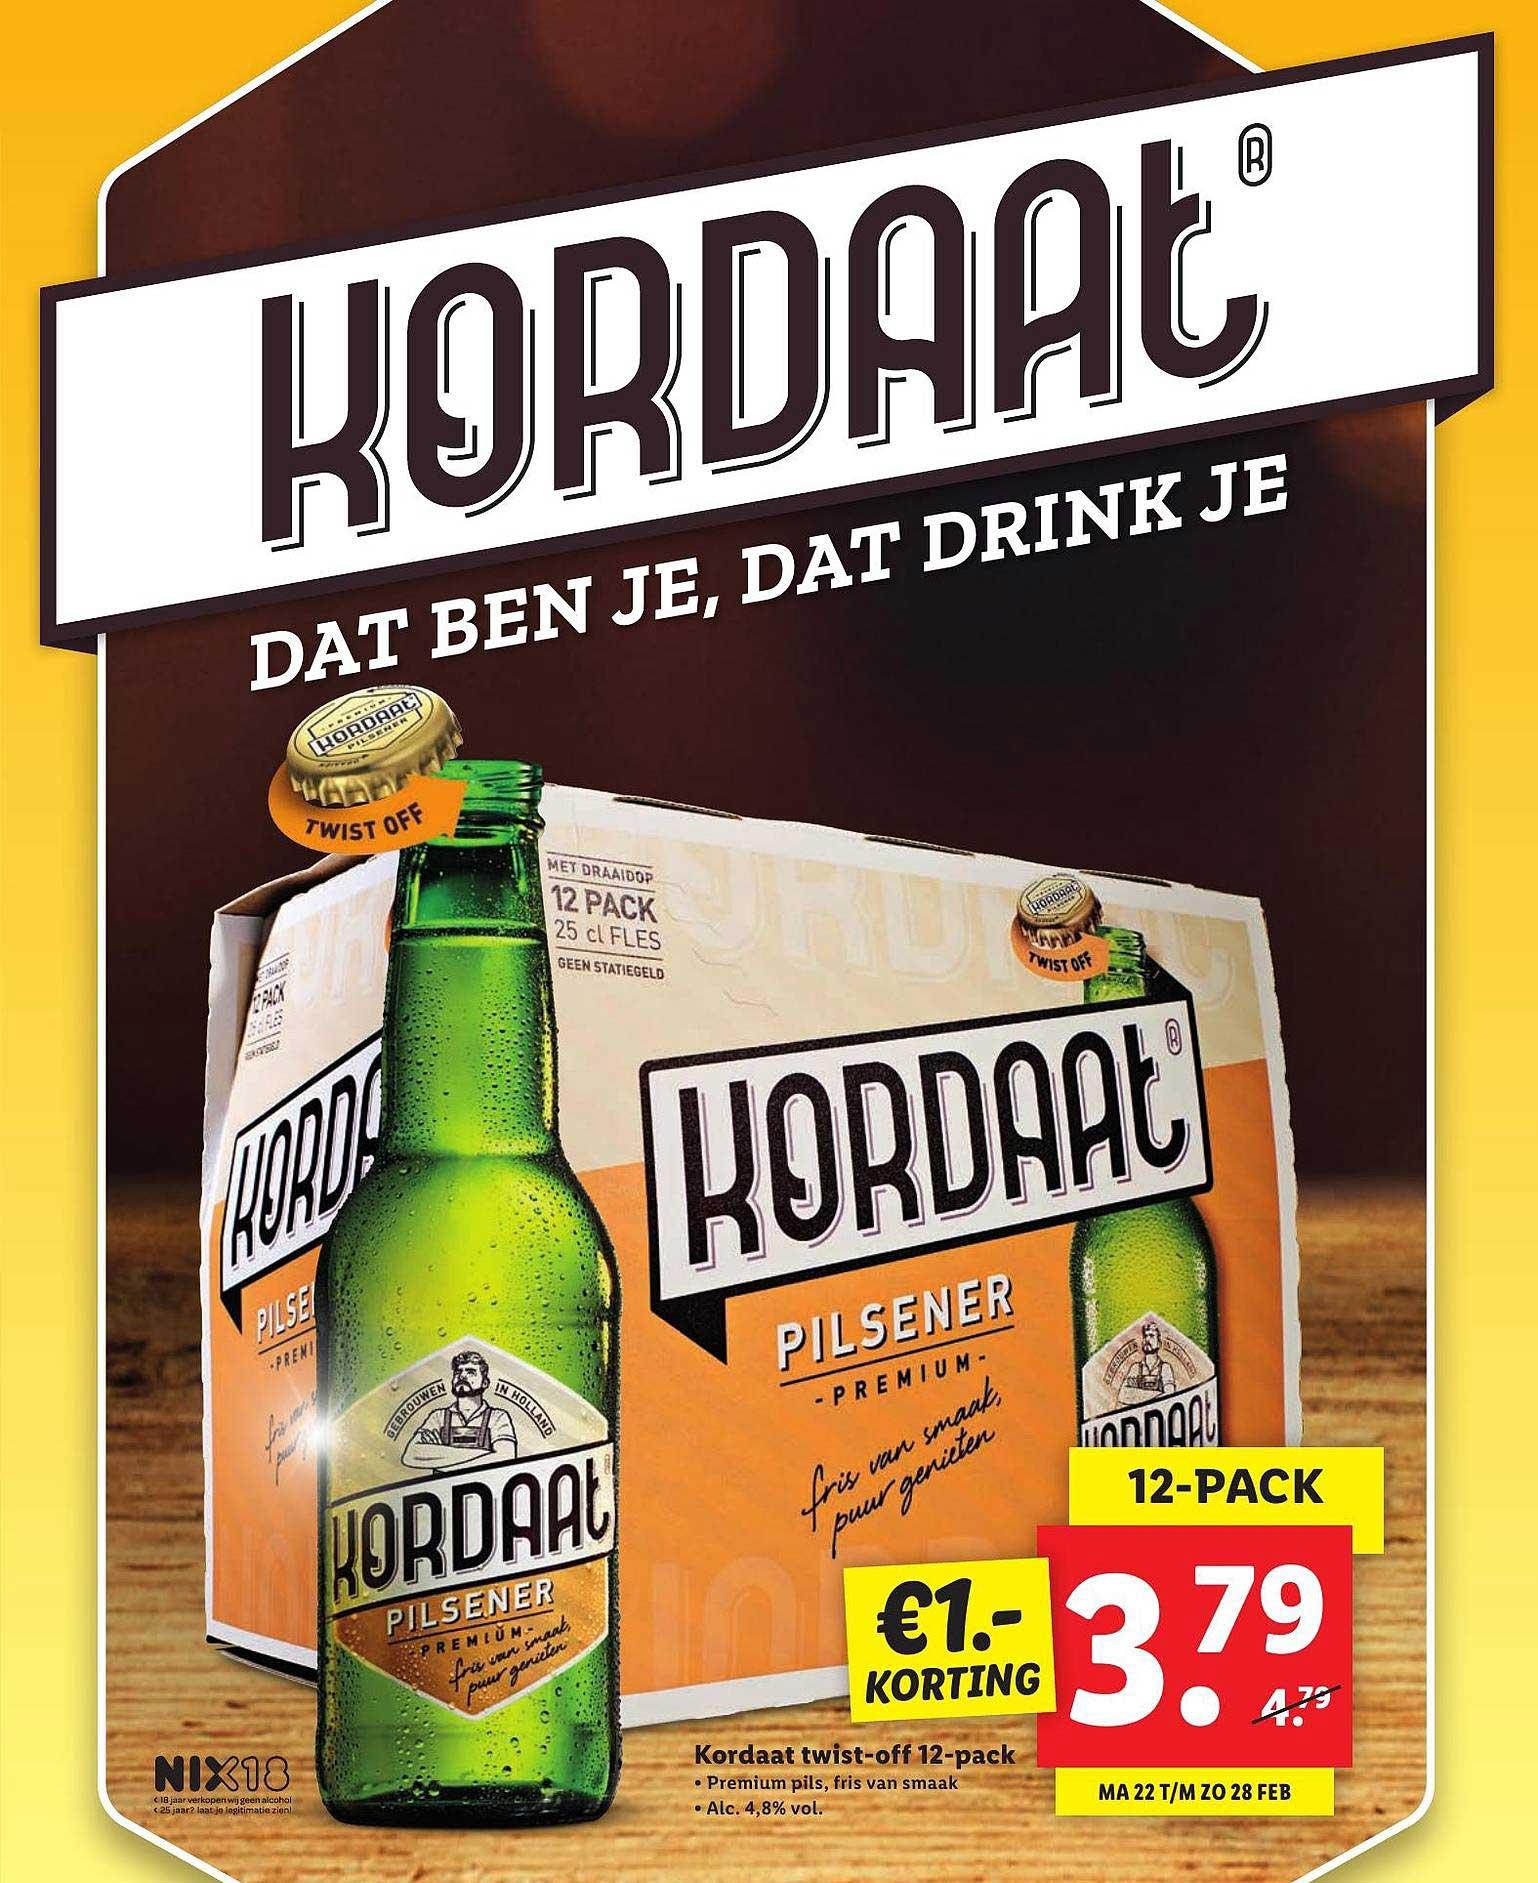 Lidl Kordaat Twist-Off 12-Pack €1.- Korting